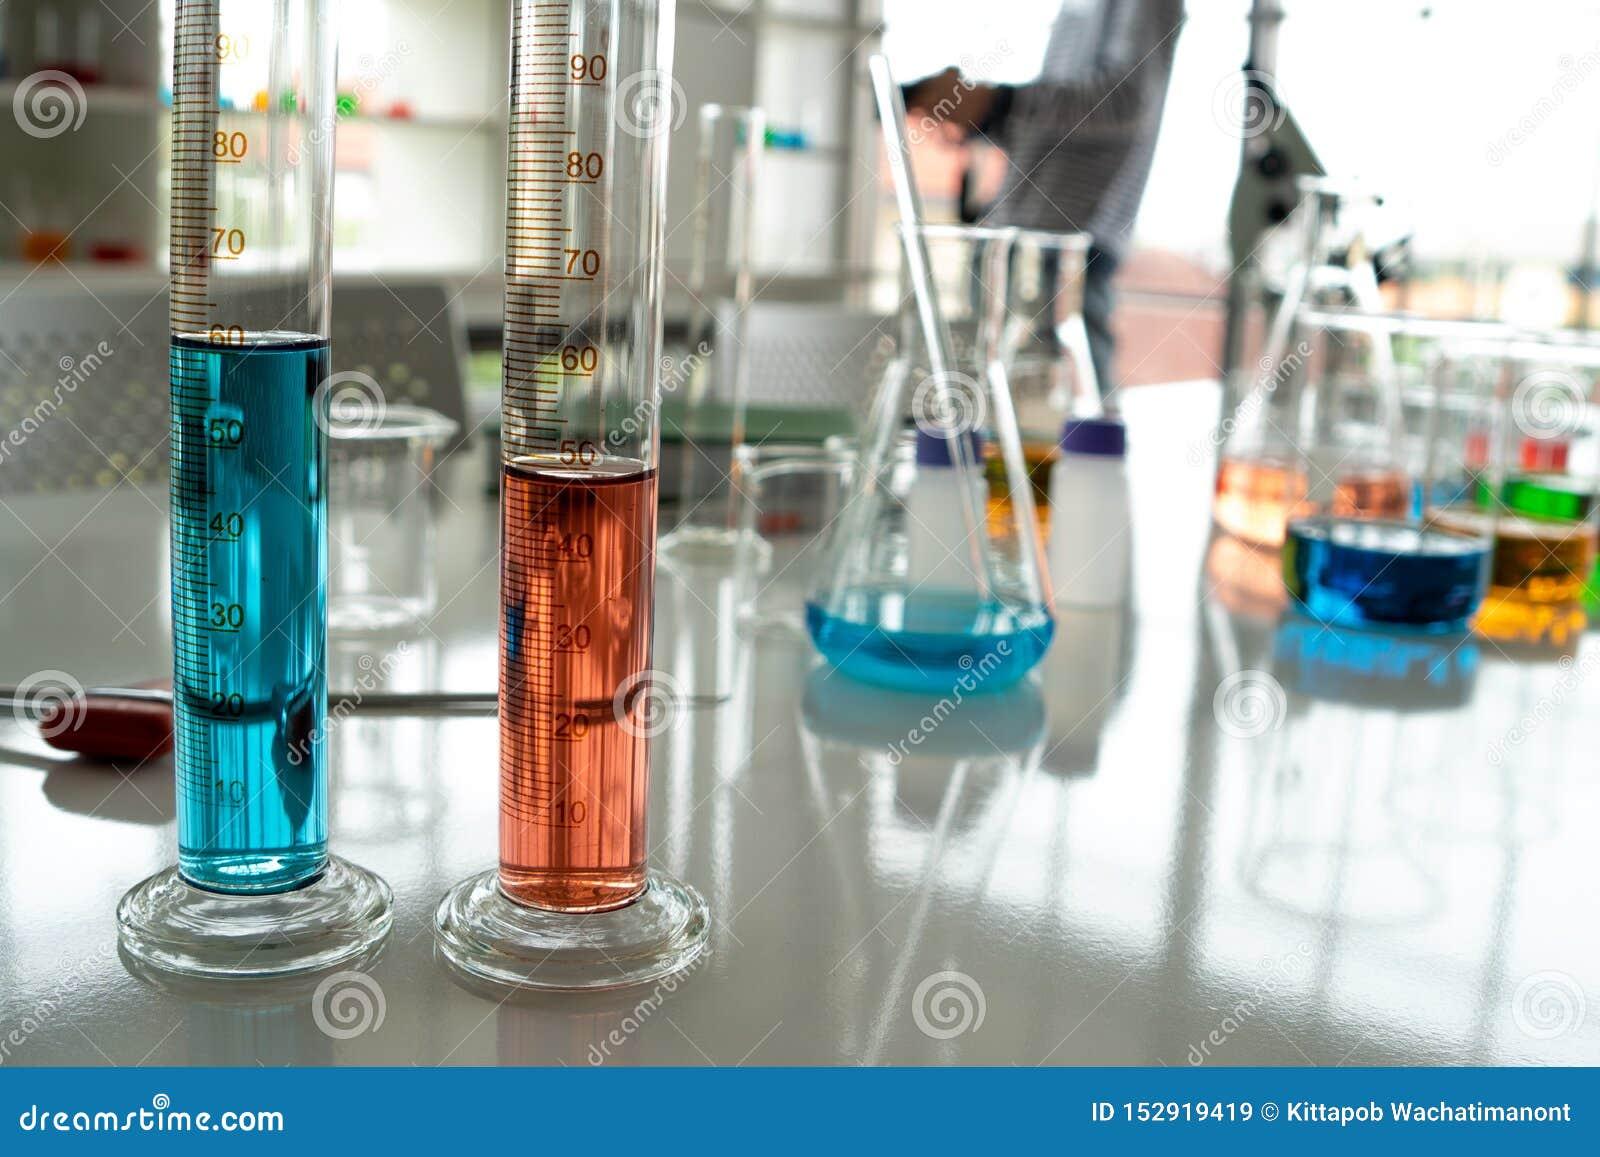 Tubes de verre, beaucoup de tubes à essai dans le laboratoire qui contiennent de diverses couleurs de liquide